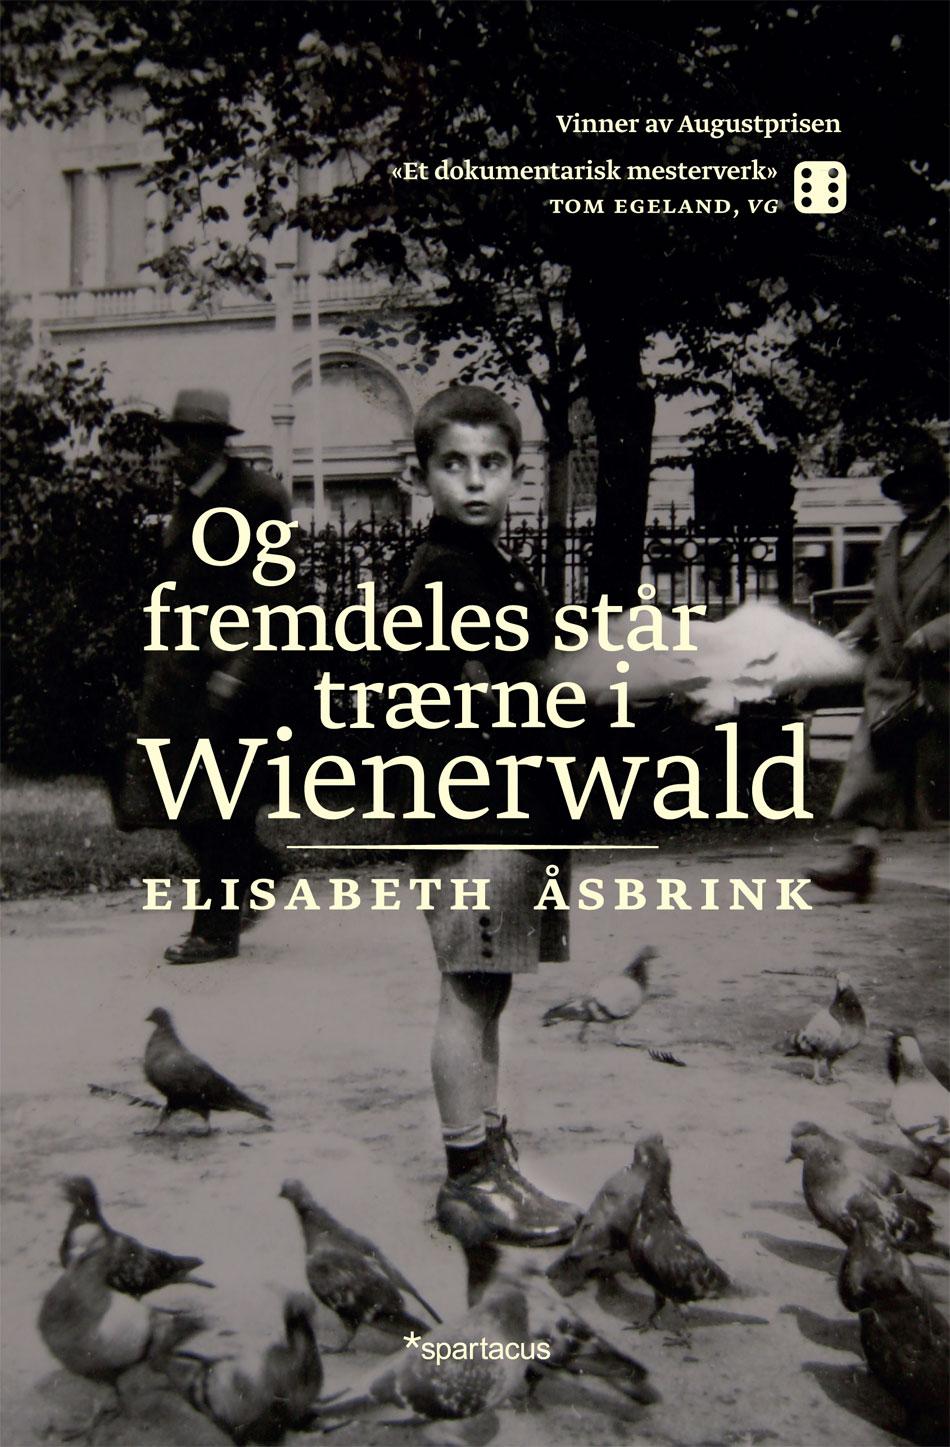 Og fremdeles star trarne i wienerwald 1